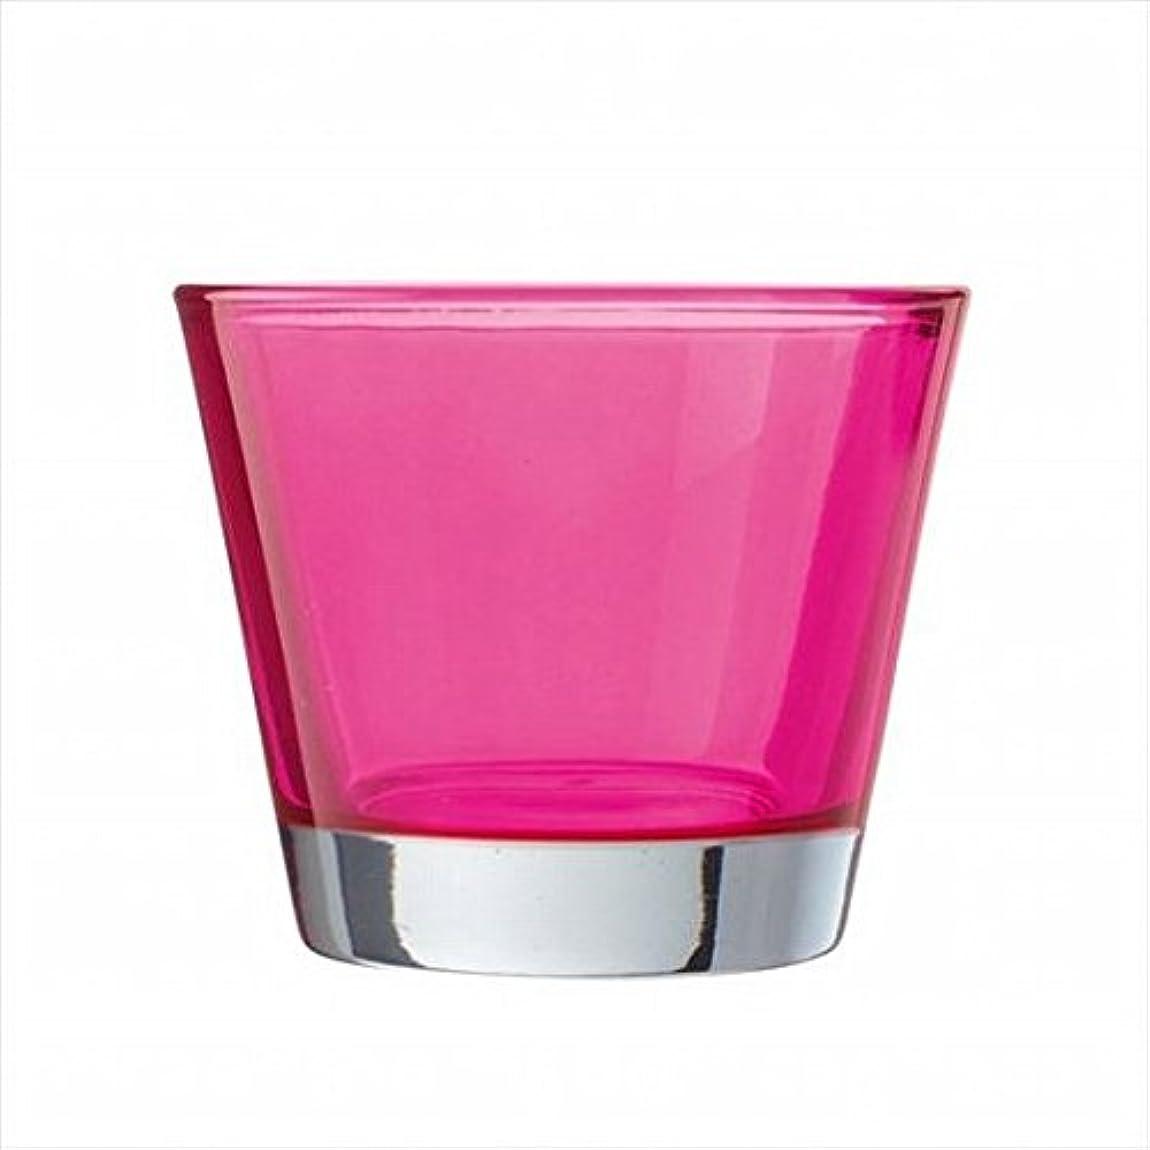 山腰ムスタチオkameyama candle(カメヤマキャンドル) カラリス 「 ピンク 」 キャンドル 82x82x70mm (J2540000PK)